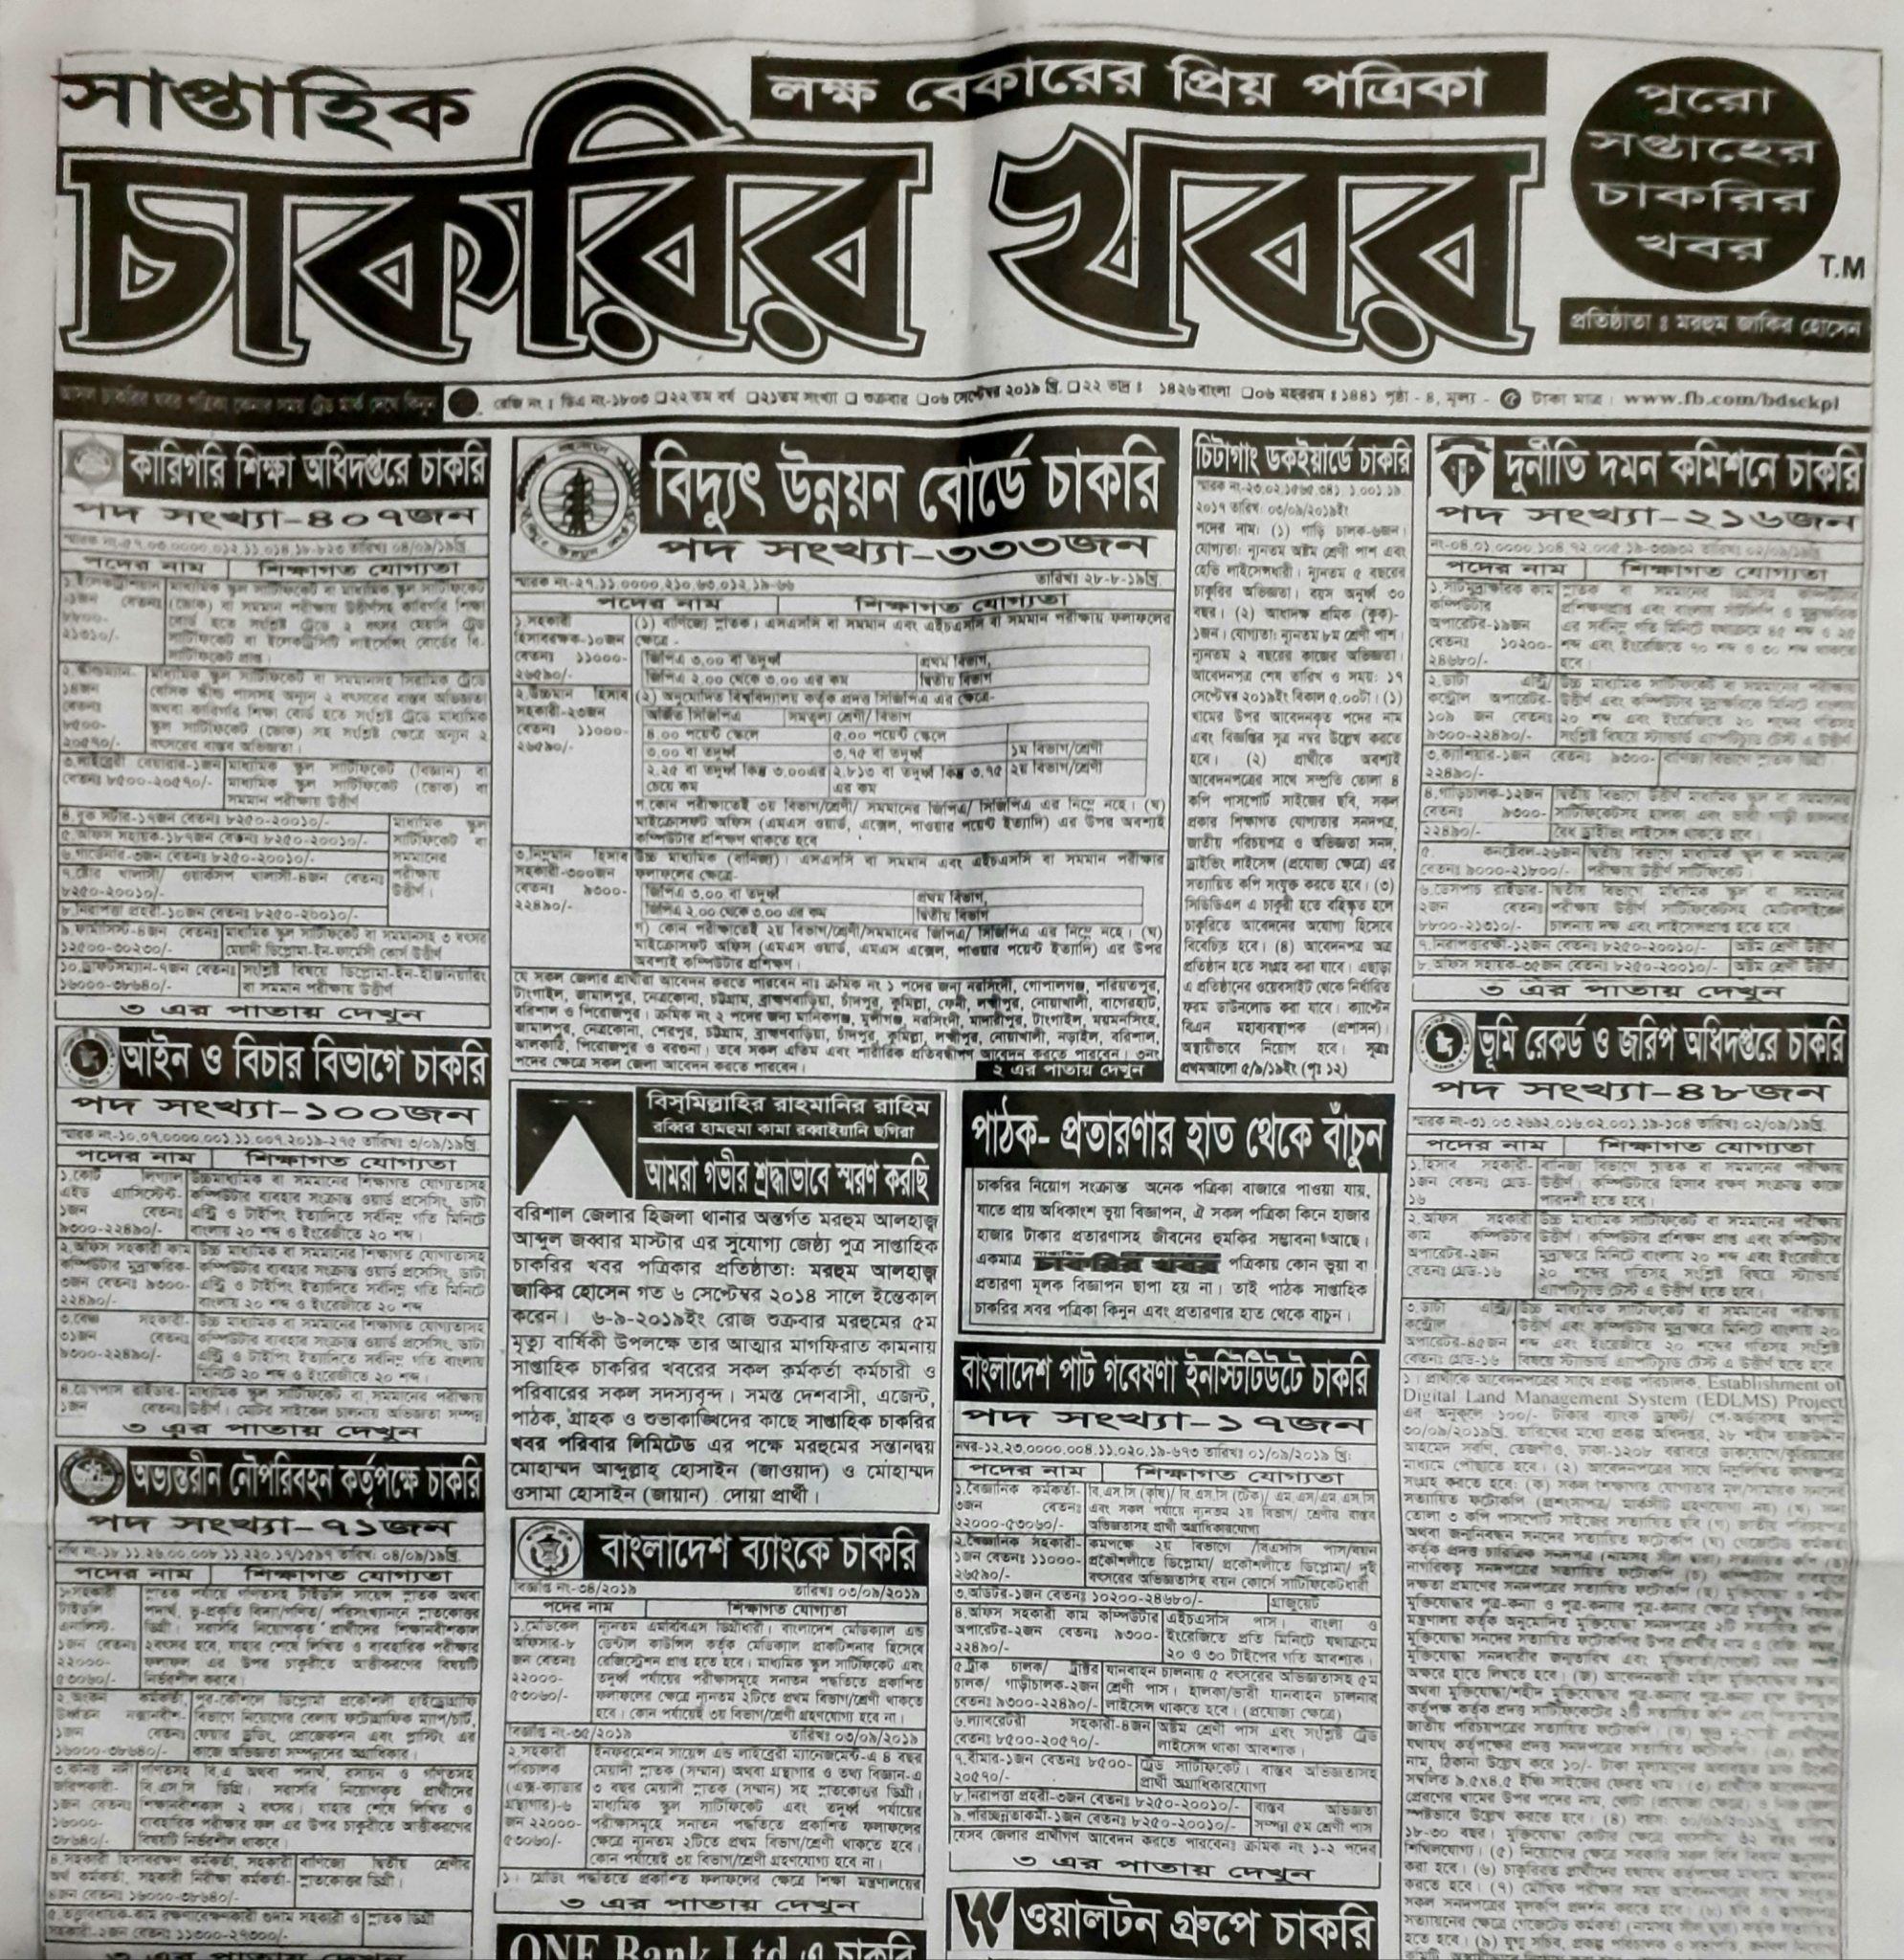 Weekly Job Newspaper 06 September 2019-1